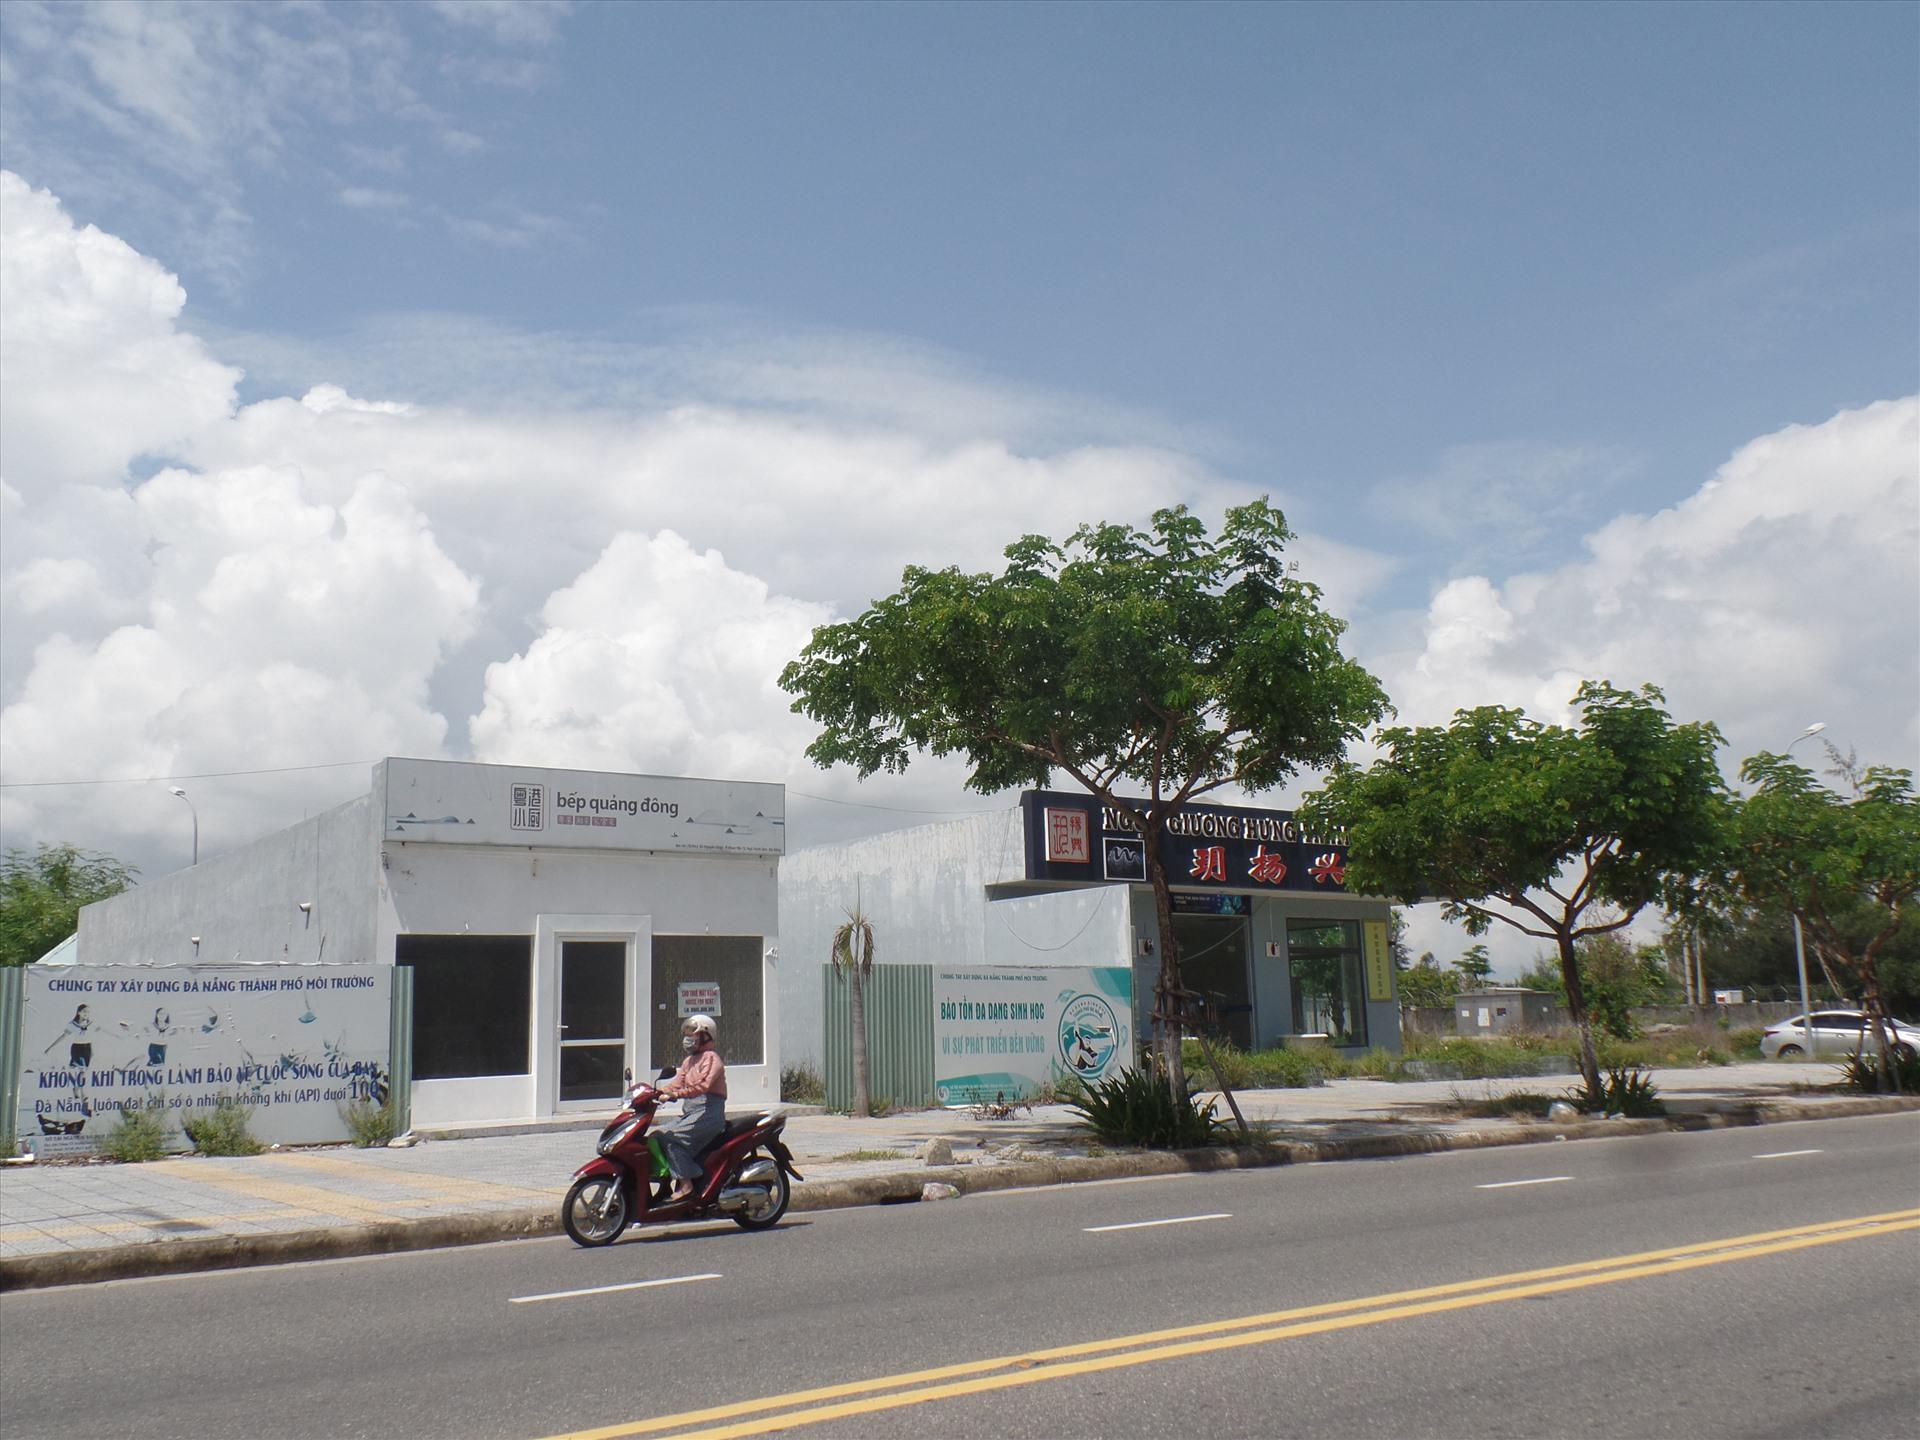 Các DN Trung Quốc núp bóng mua đất ở Đà Nẵng: Đã chuyển đổi quyền sử dụng đất